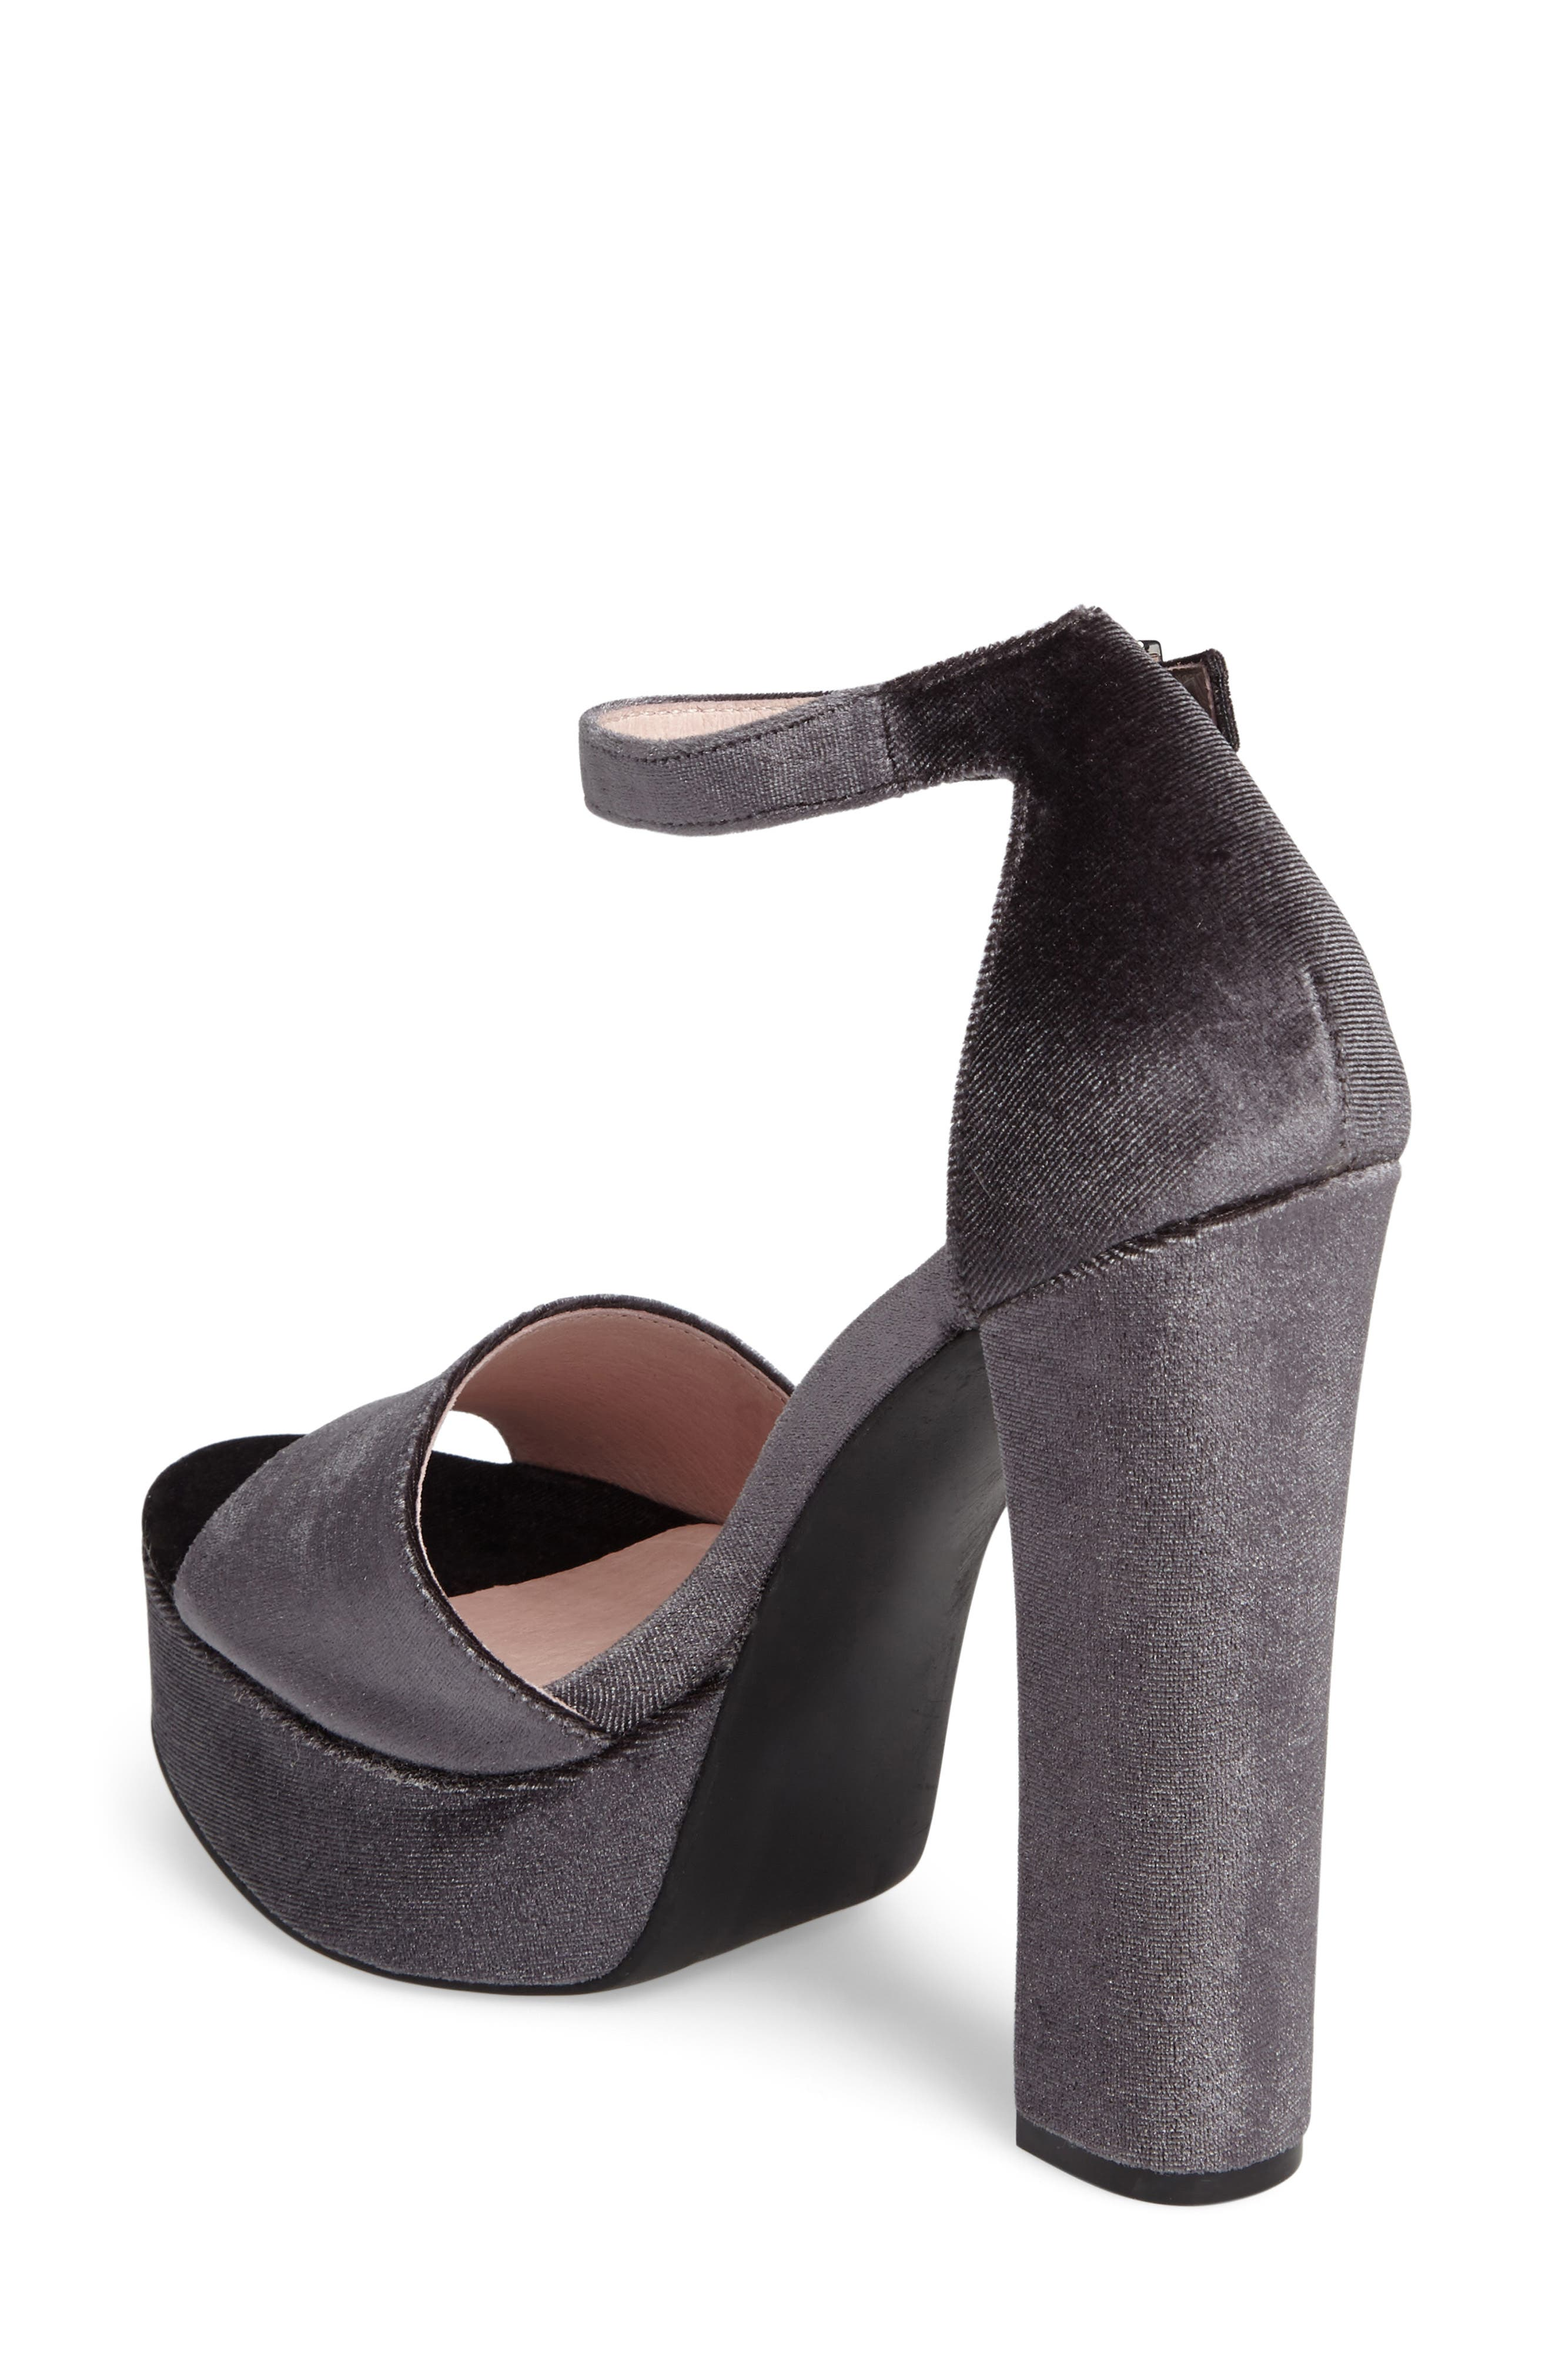 Ace Platform Sandal,                             Alternate thumbnail 2, color,                             035